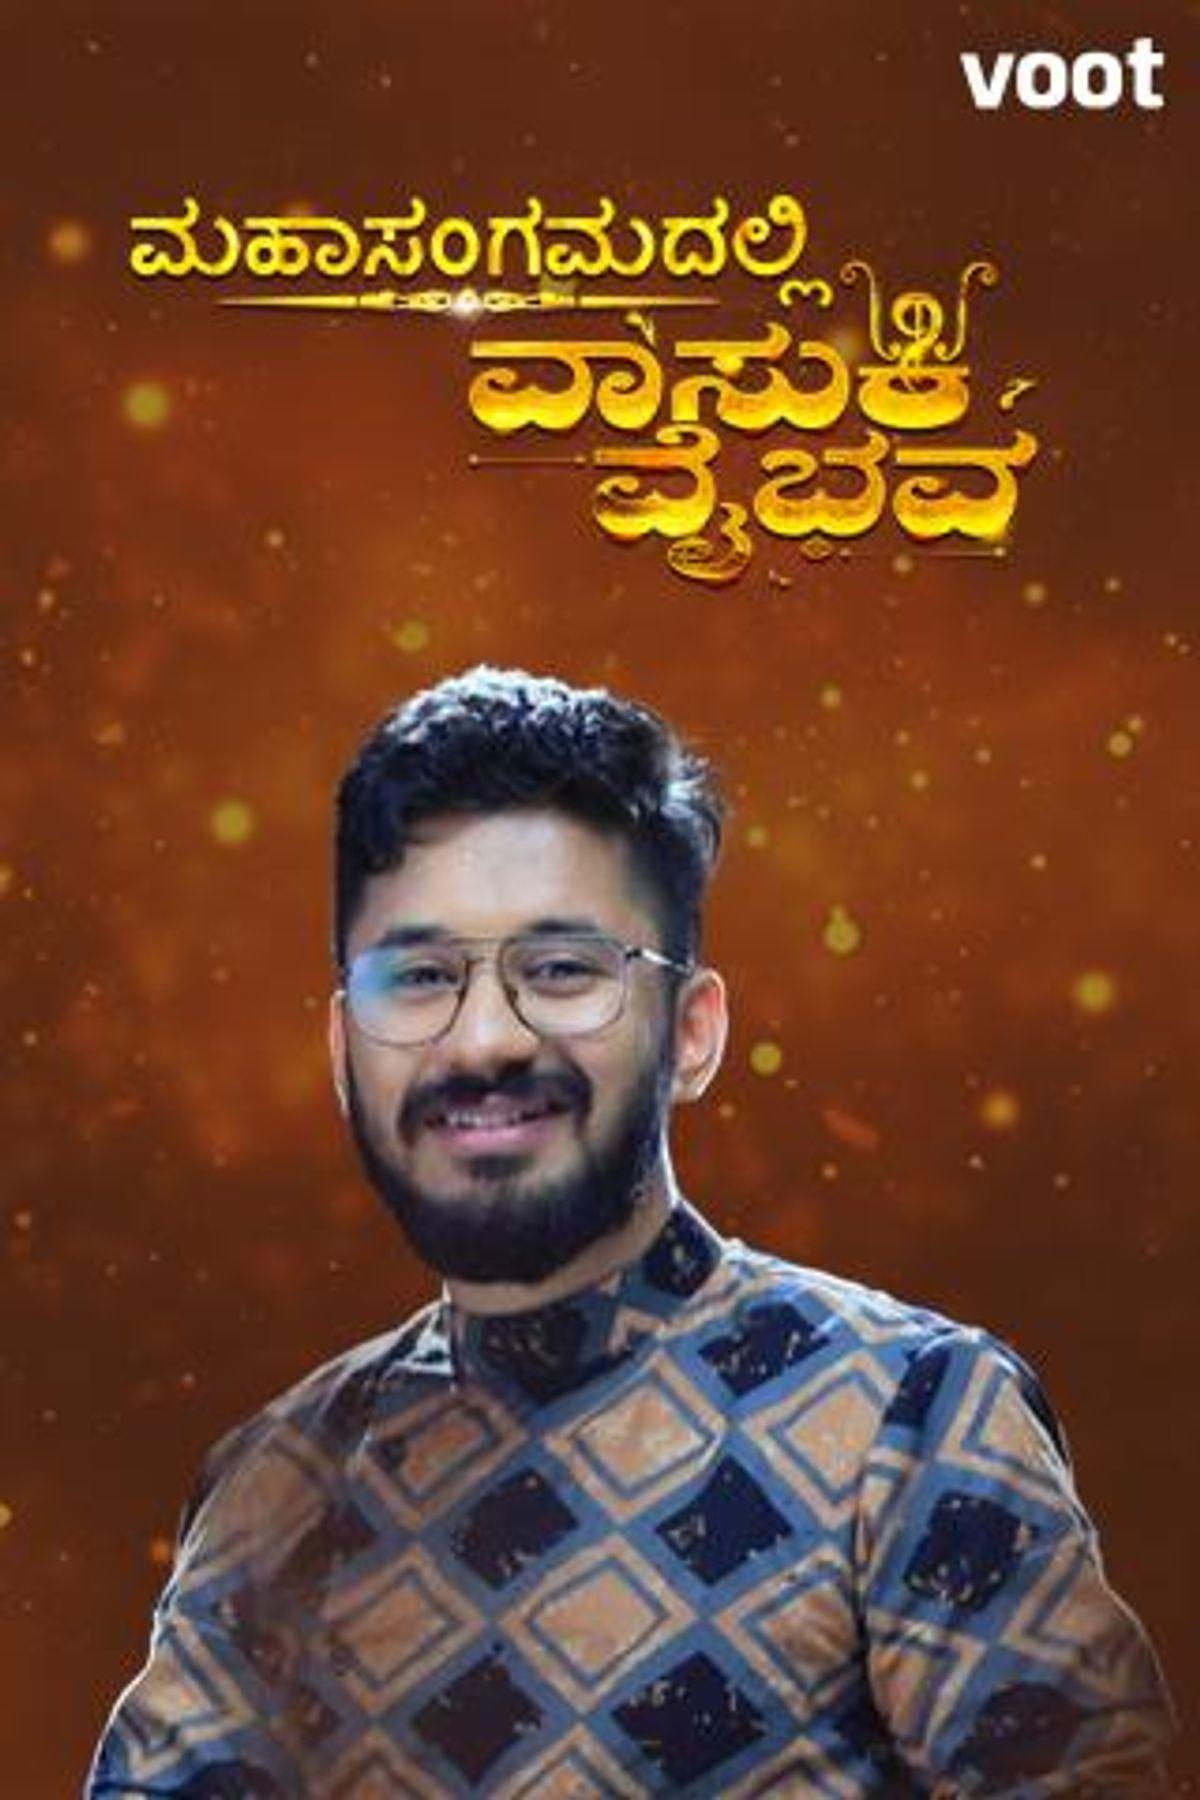 Mahasangamadali Vasuki Vaibhava